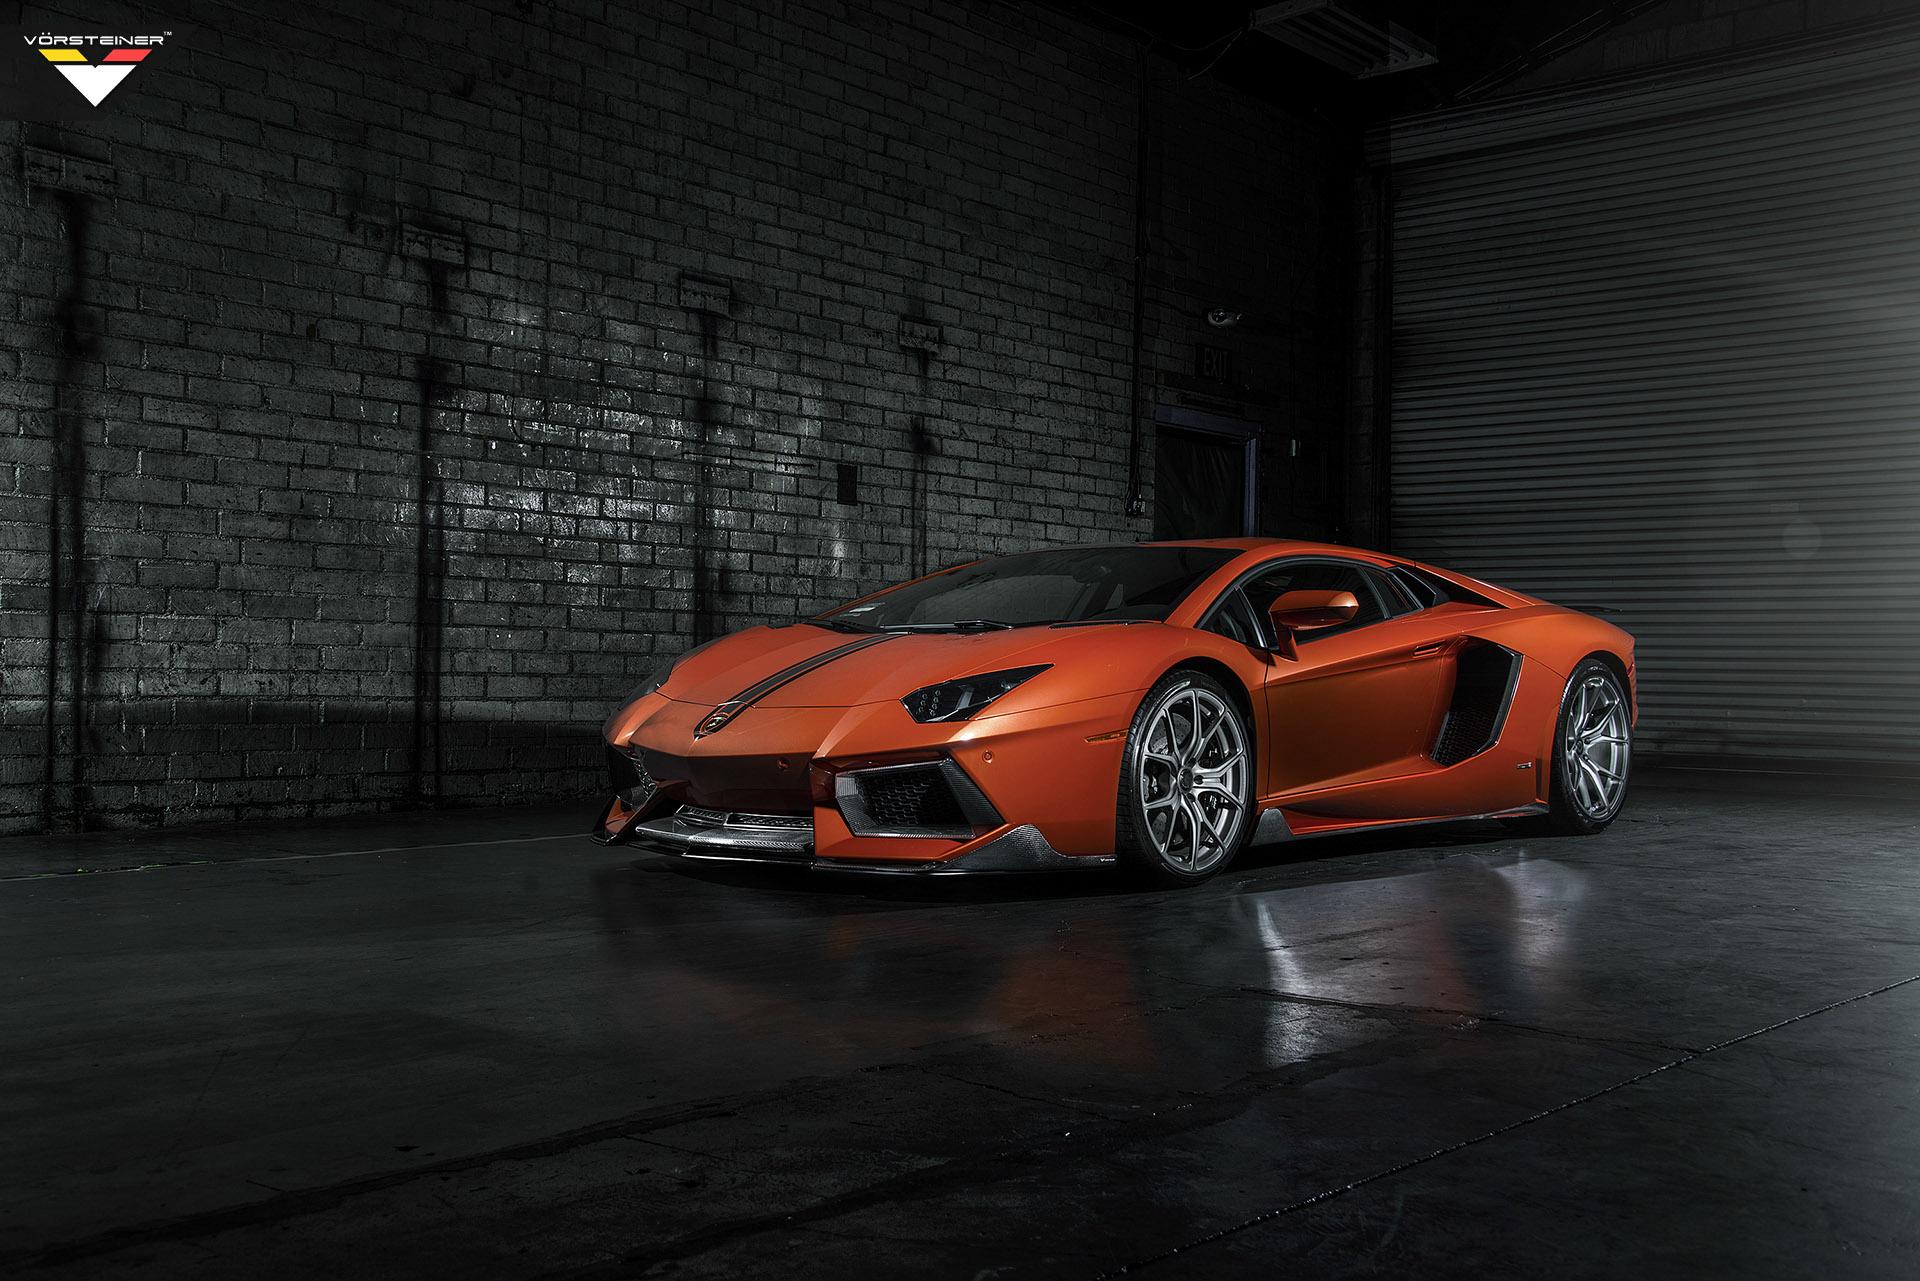 2014 Vorsteiner Lamborghini Aventador V Lp 740 Picture 92759